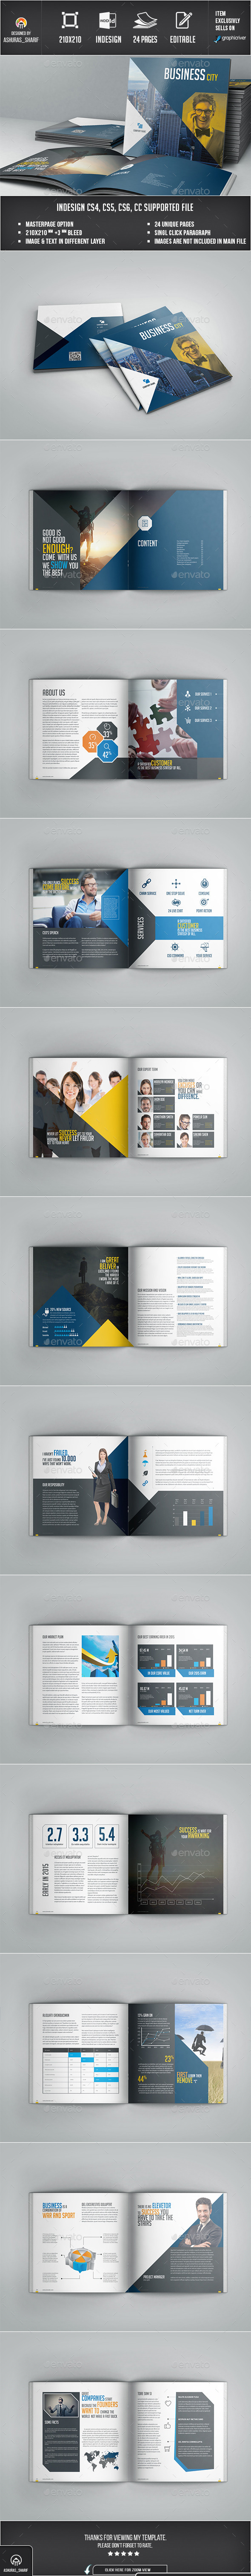 Brochure - Corporate Brochures